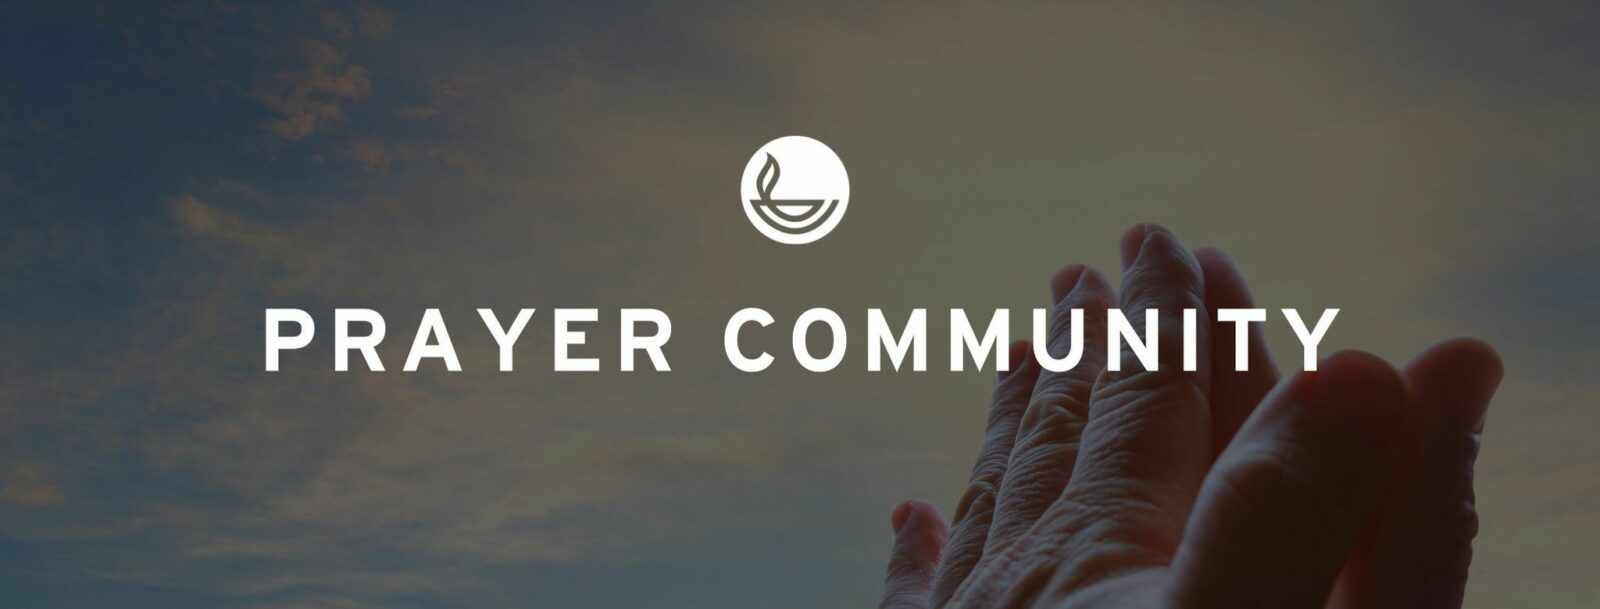 Prayer-Community.jpg